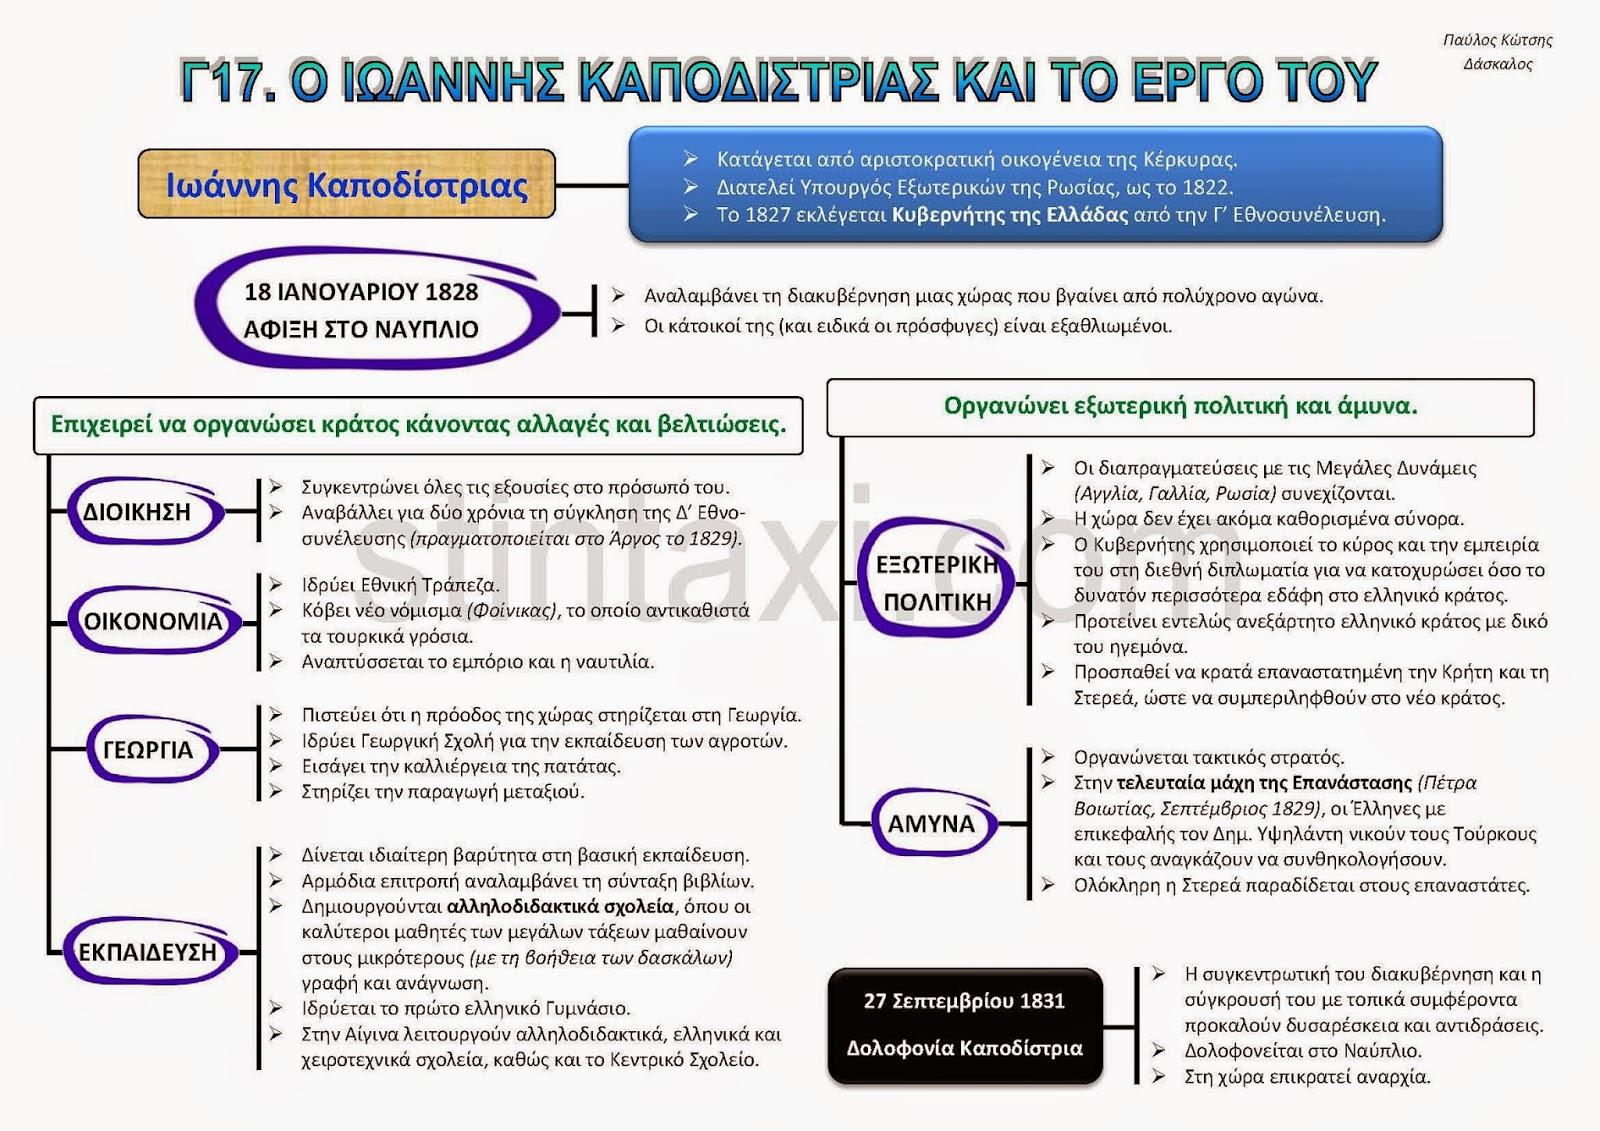 http://www.stintaxi.com/uploads/1/3/1/0/13100858/c17-kapodistrias-v2.1.pdf